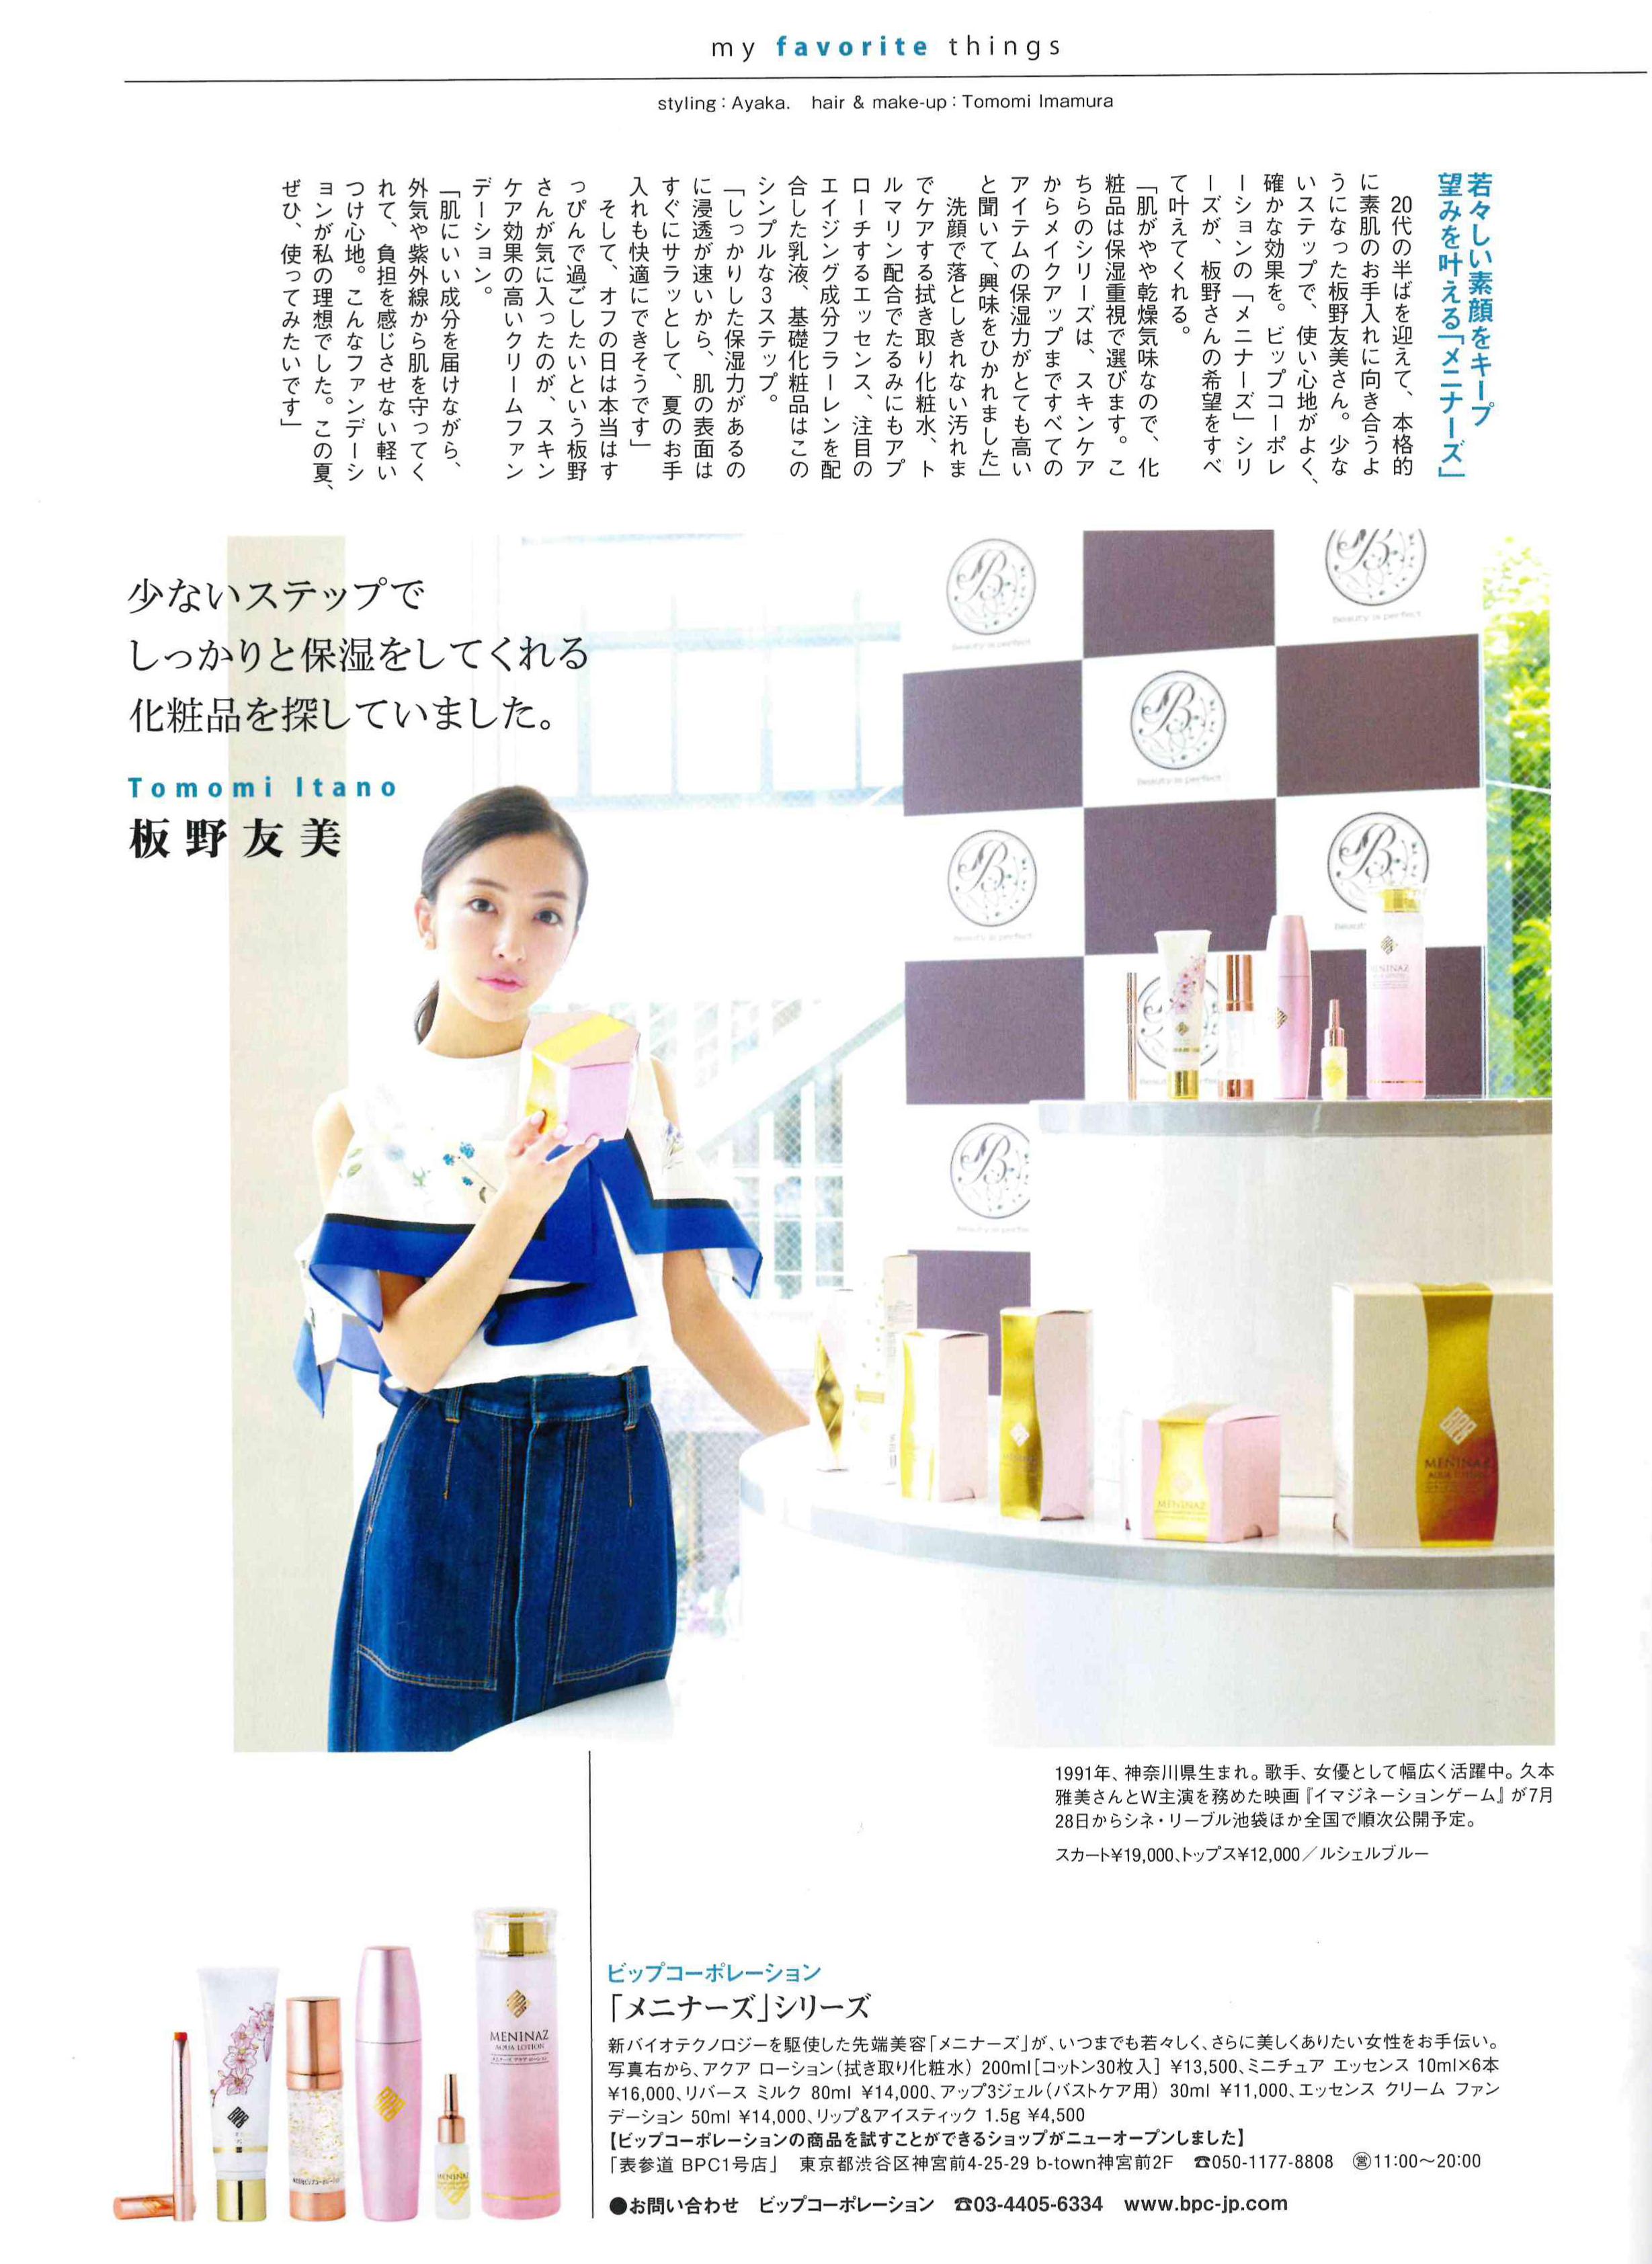 メニナーズシリーズが、CREA9月号で板野友美さんに紹介されました。